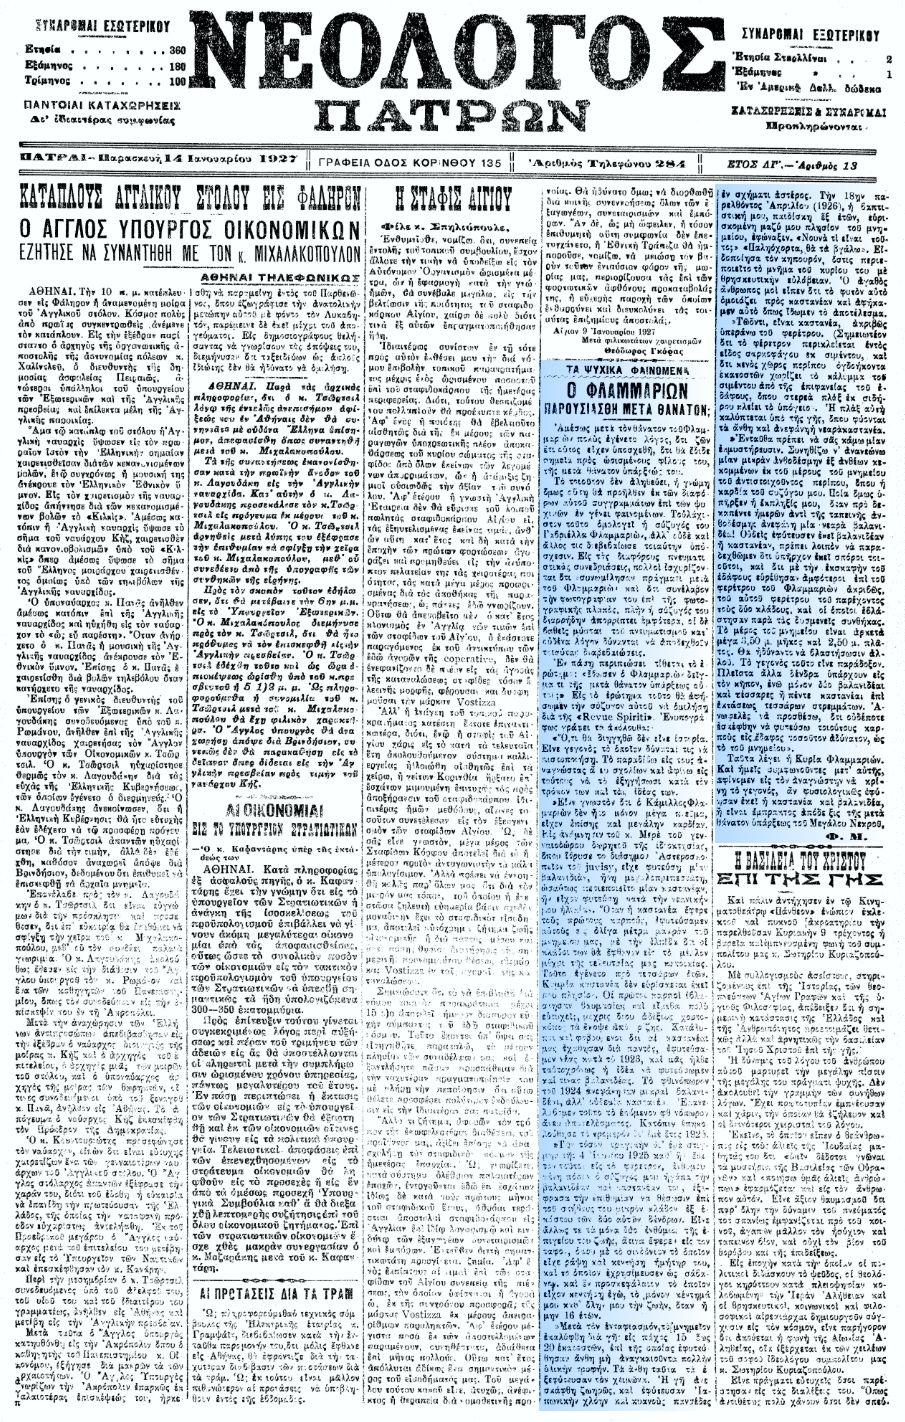 """Το άρθρο, όπως δημοσιεύθηκε στην εφημερίδα """"ΝΕΟΛΟΓΟΣ ΠΑΤΡΩΝ"""", στις 14/01/1927"""